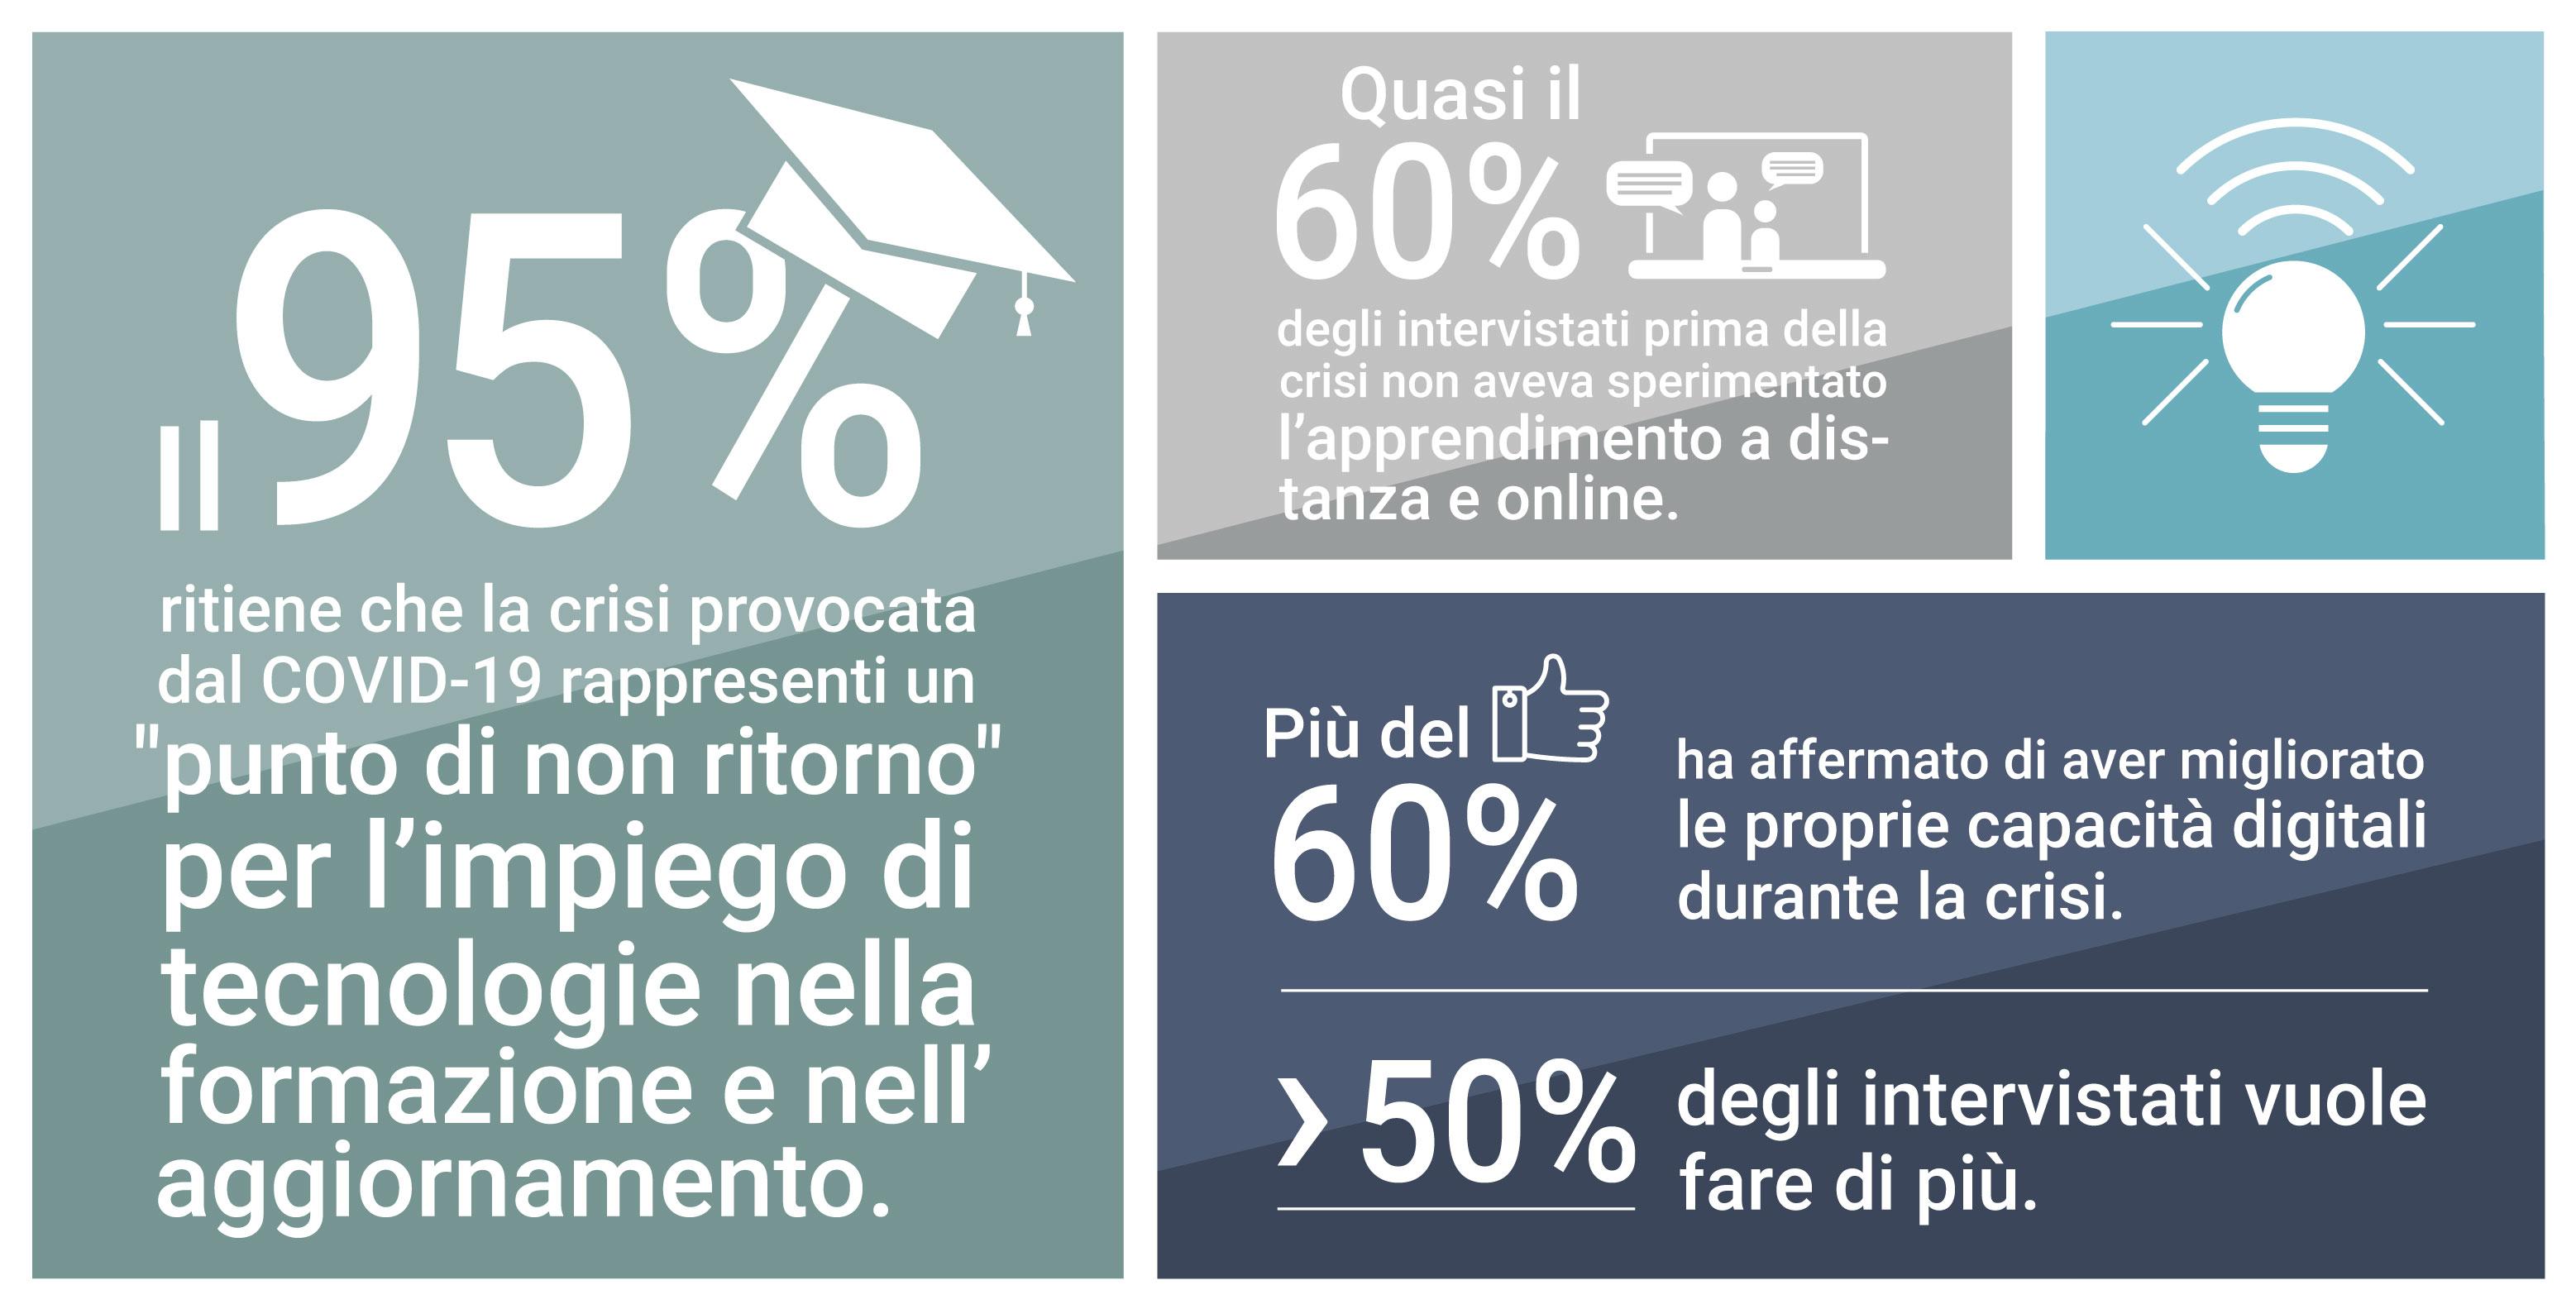 Statistica lezione digitale